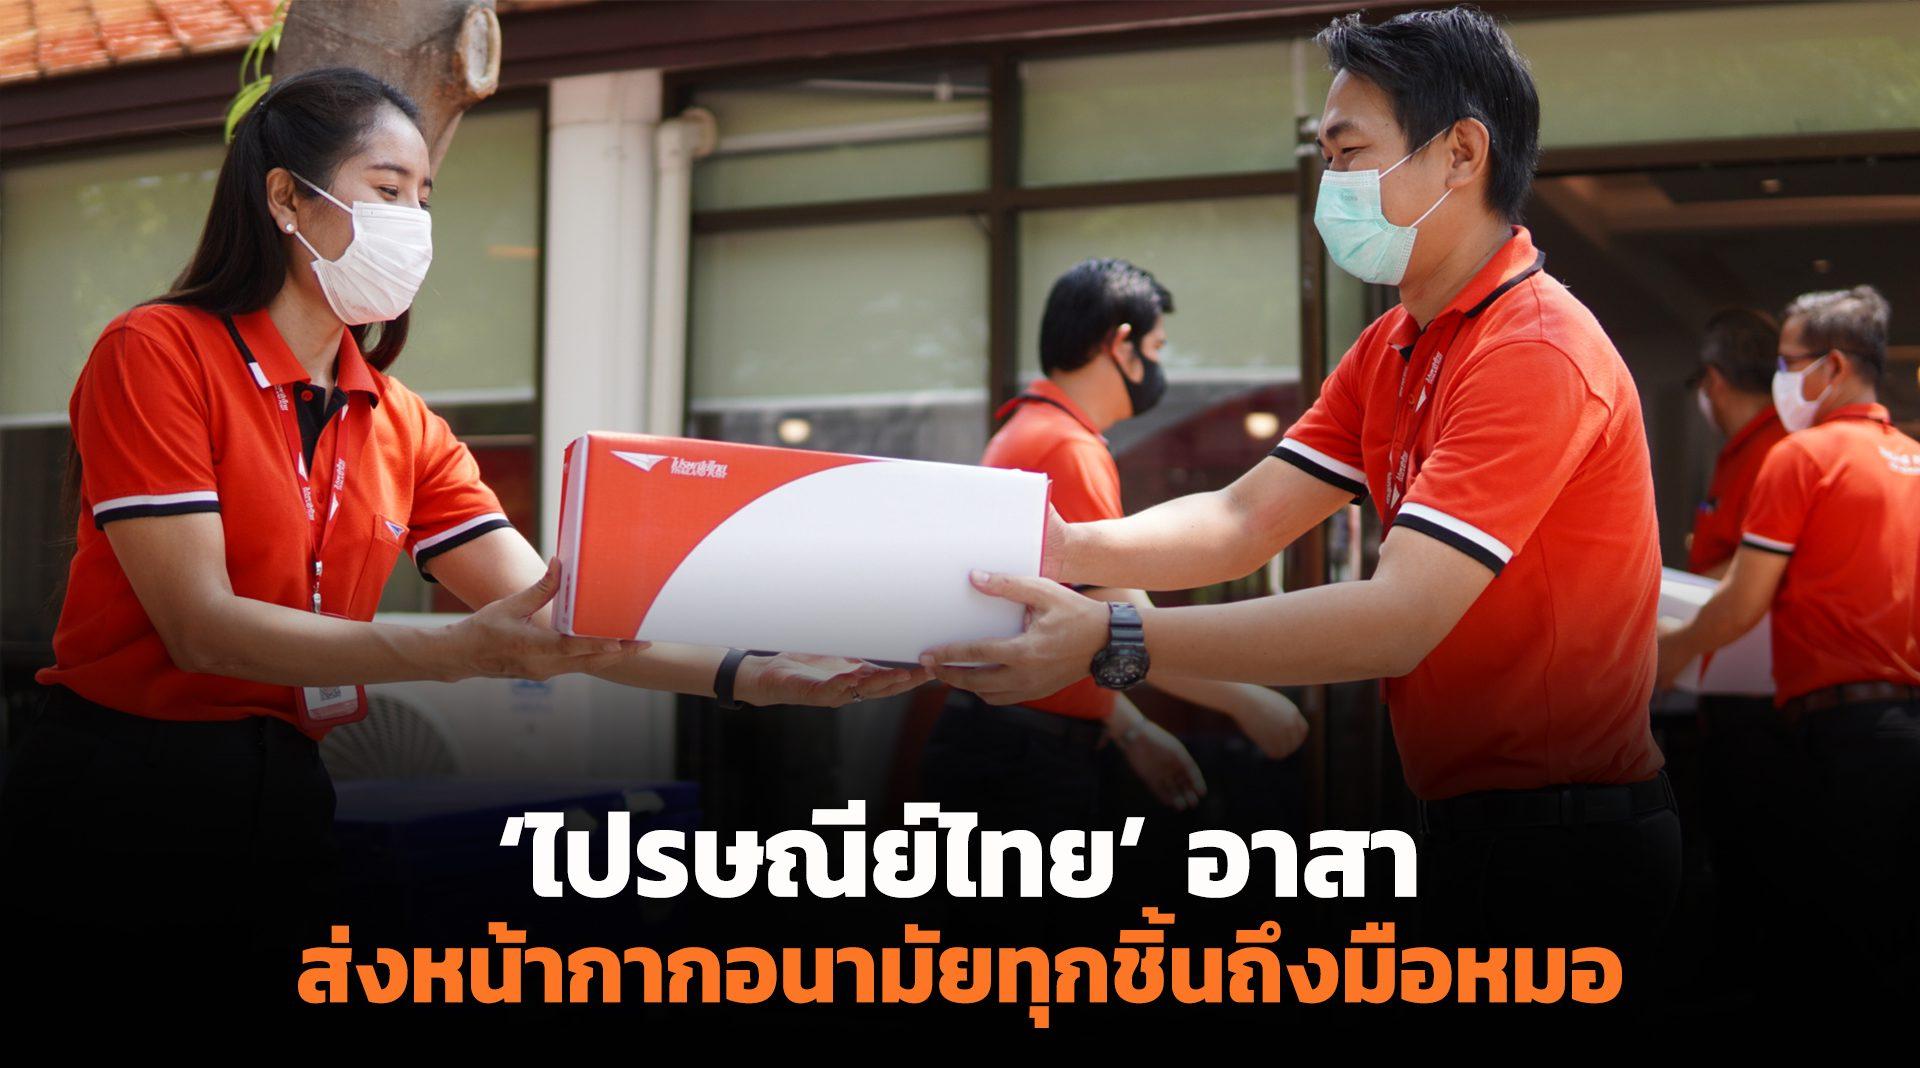 'ไปรษณีย์ไทย' อาสาส่งหน้ากากอนามัยทุกชิ้นถึงมือหมอ